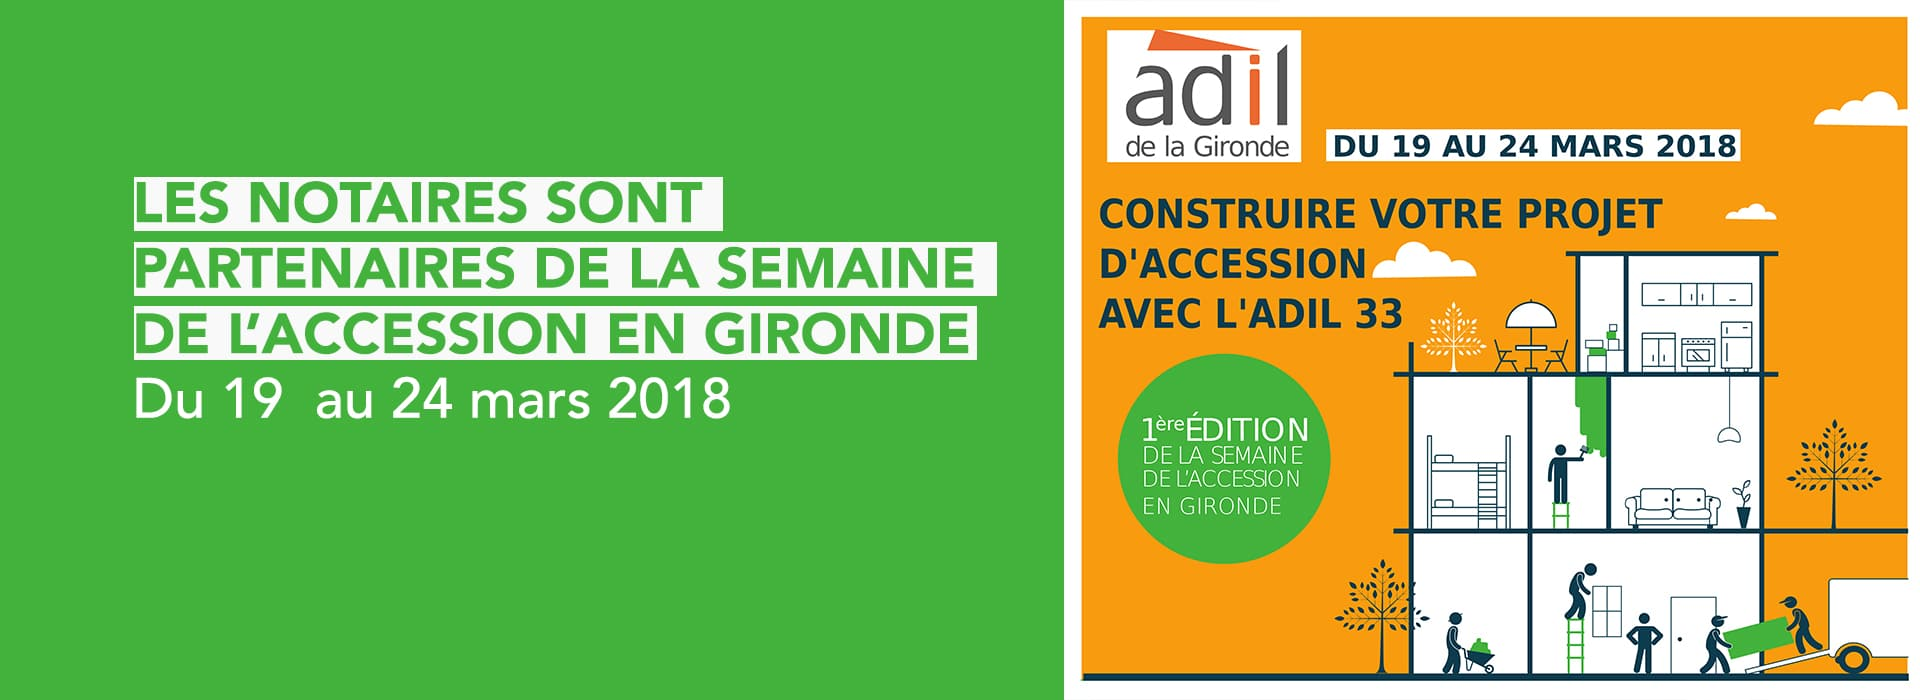 Semaine accession 2018